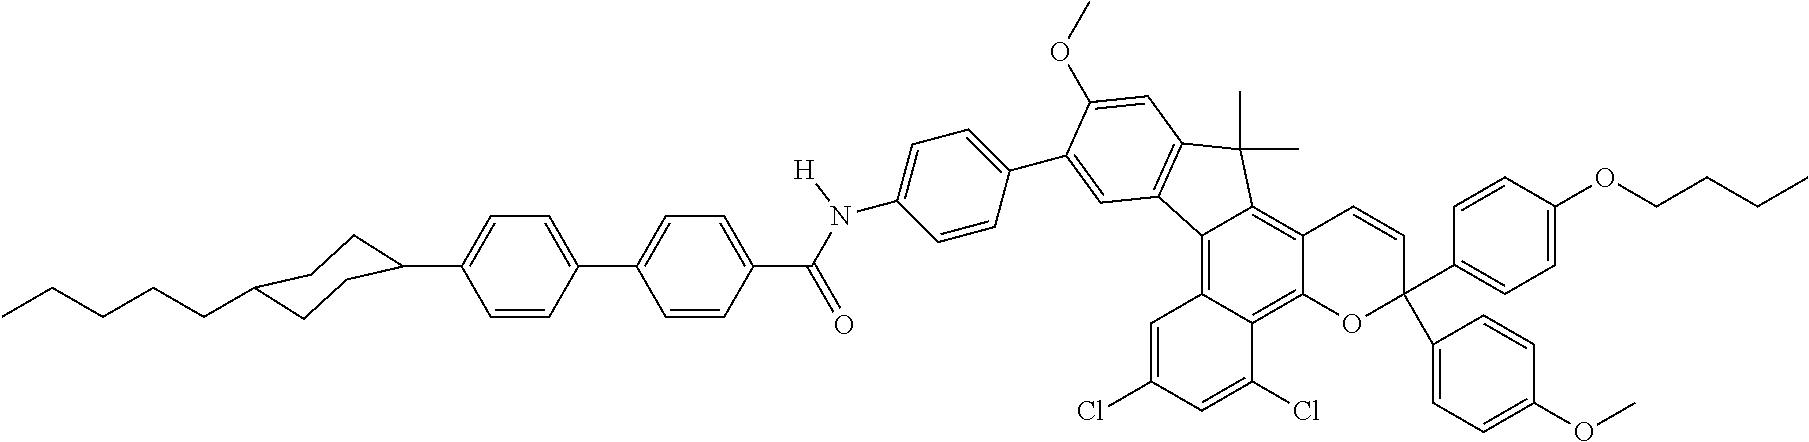 Figure US08545984-20131001-C00043